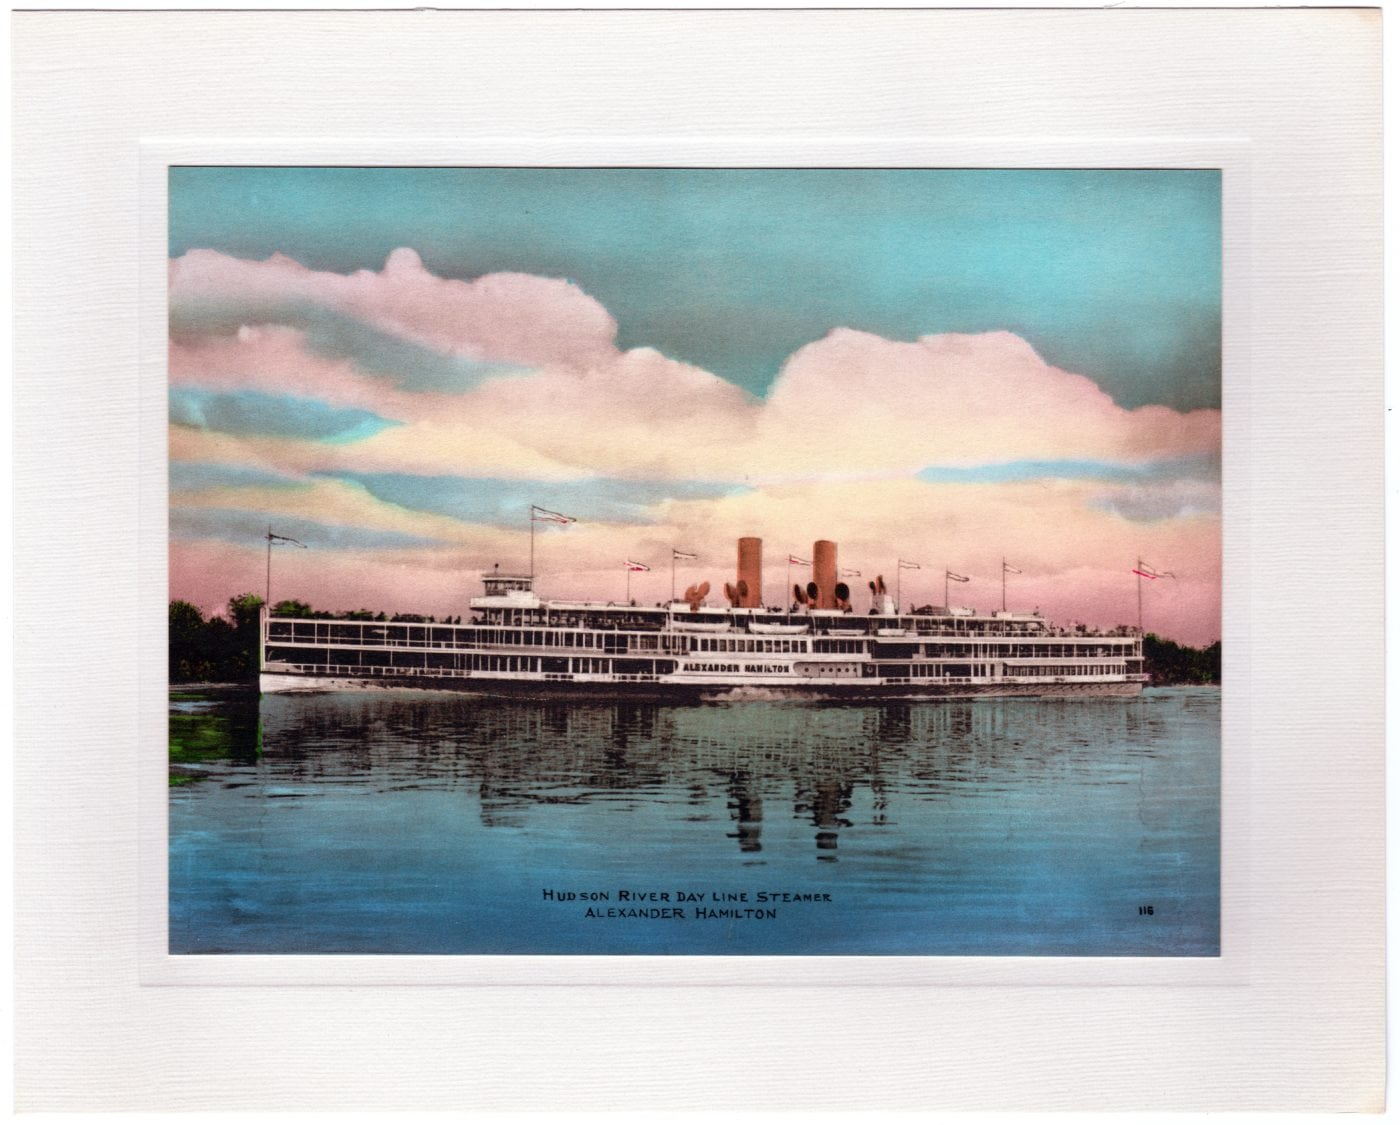 hudson river day line steamer